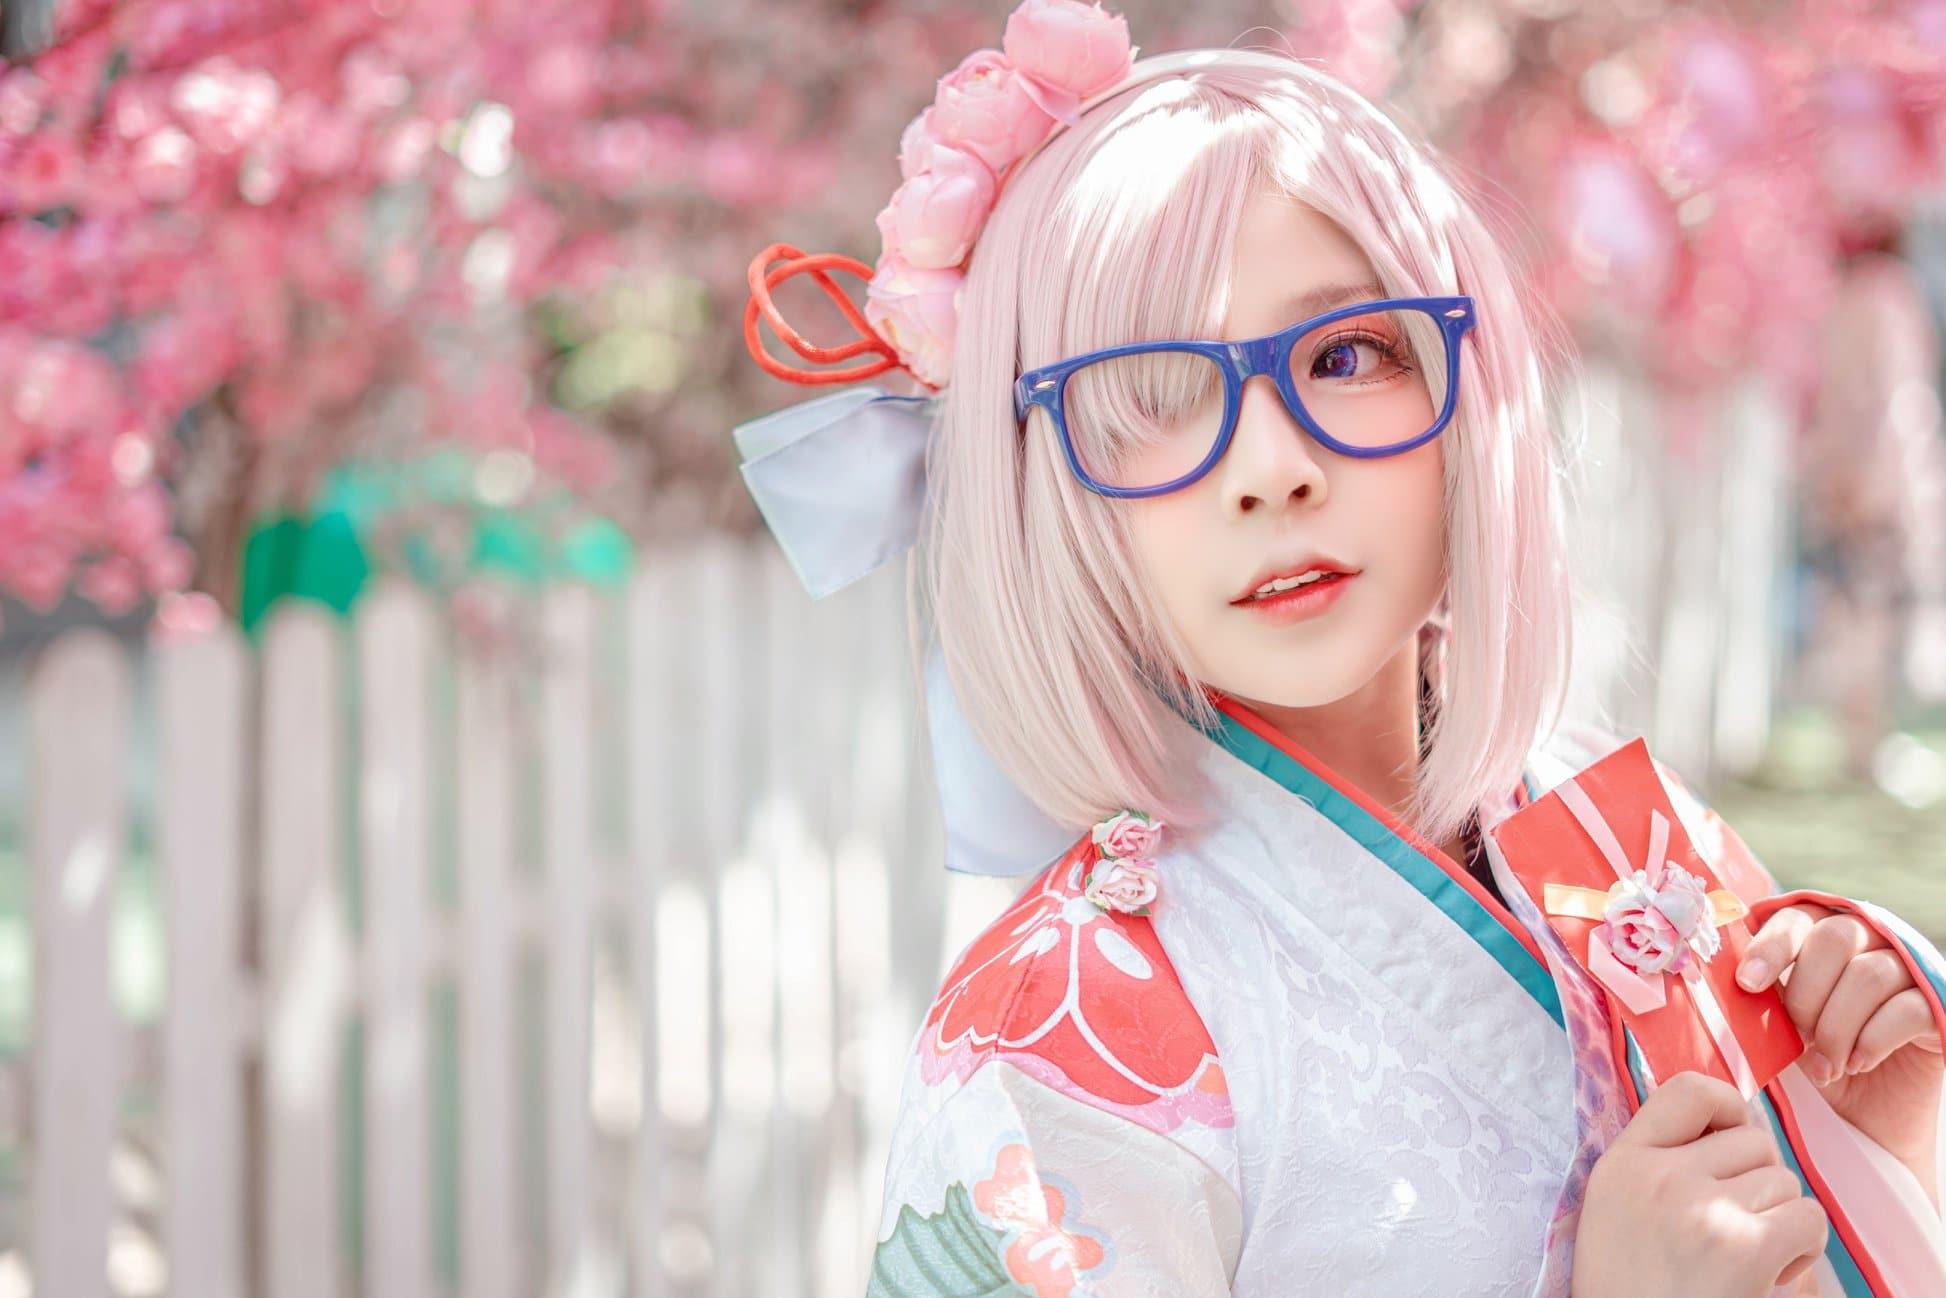 Tan chảy khi ngắm bộ ảnh cosplay Mashu Kyrielight phong cách hoa anh đào